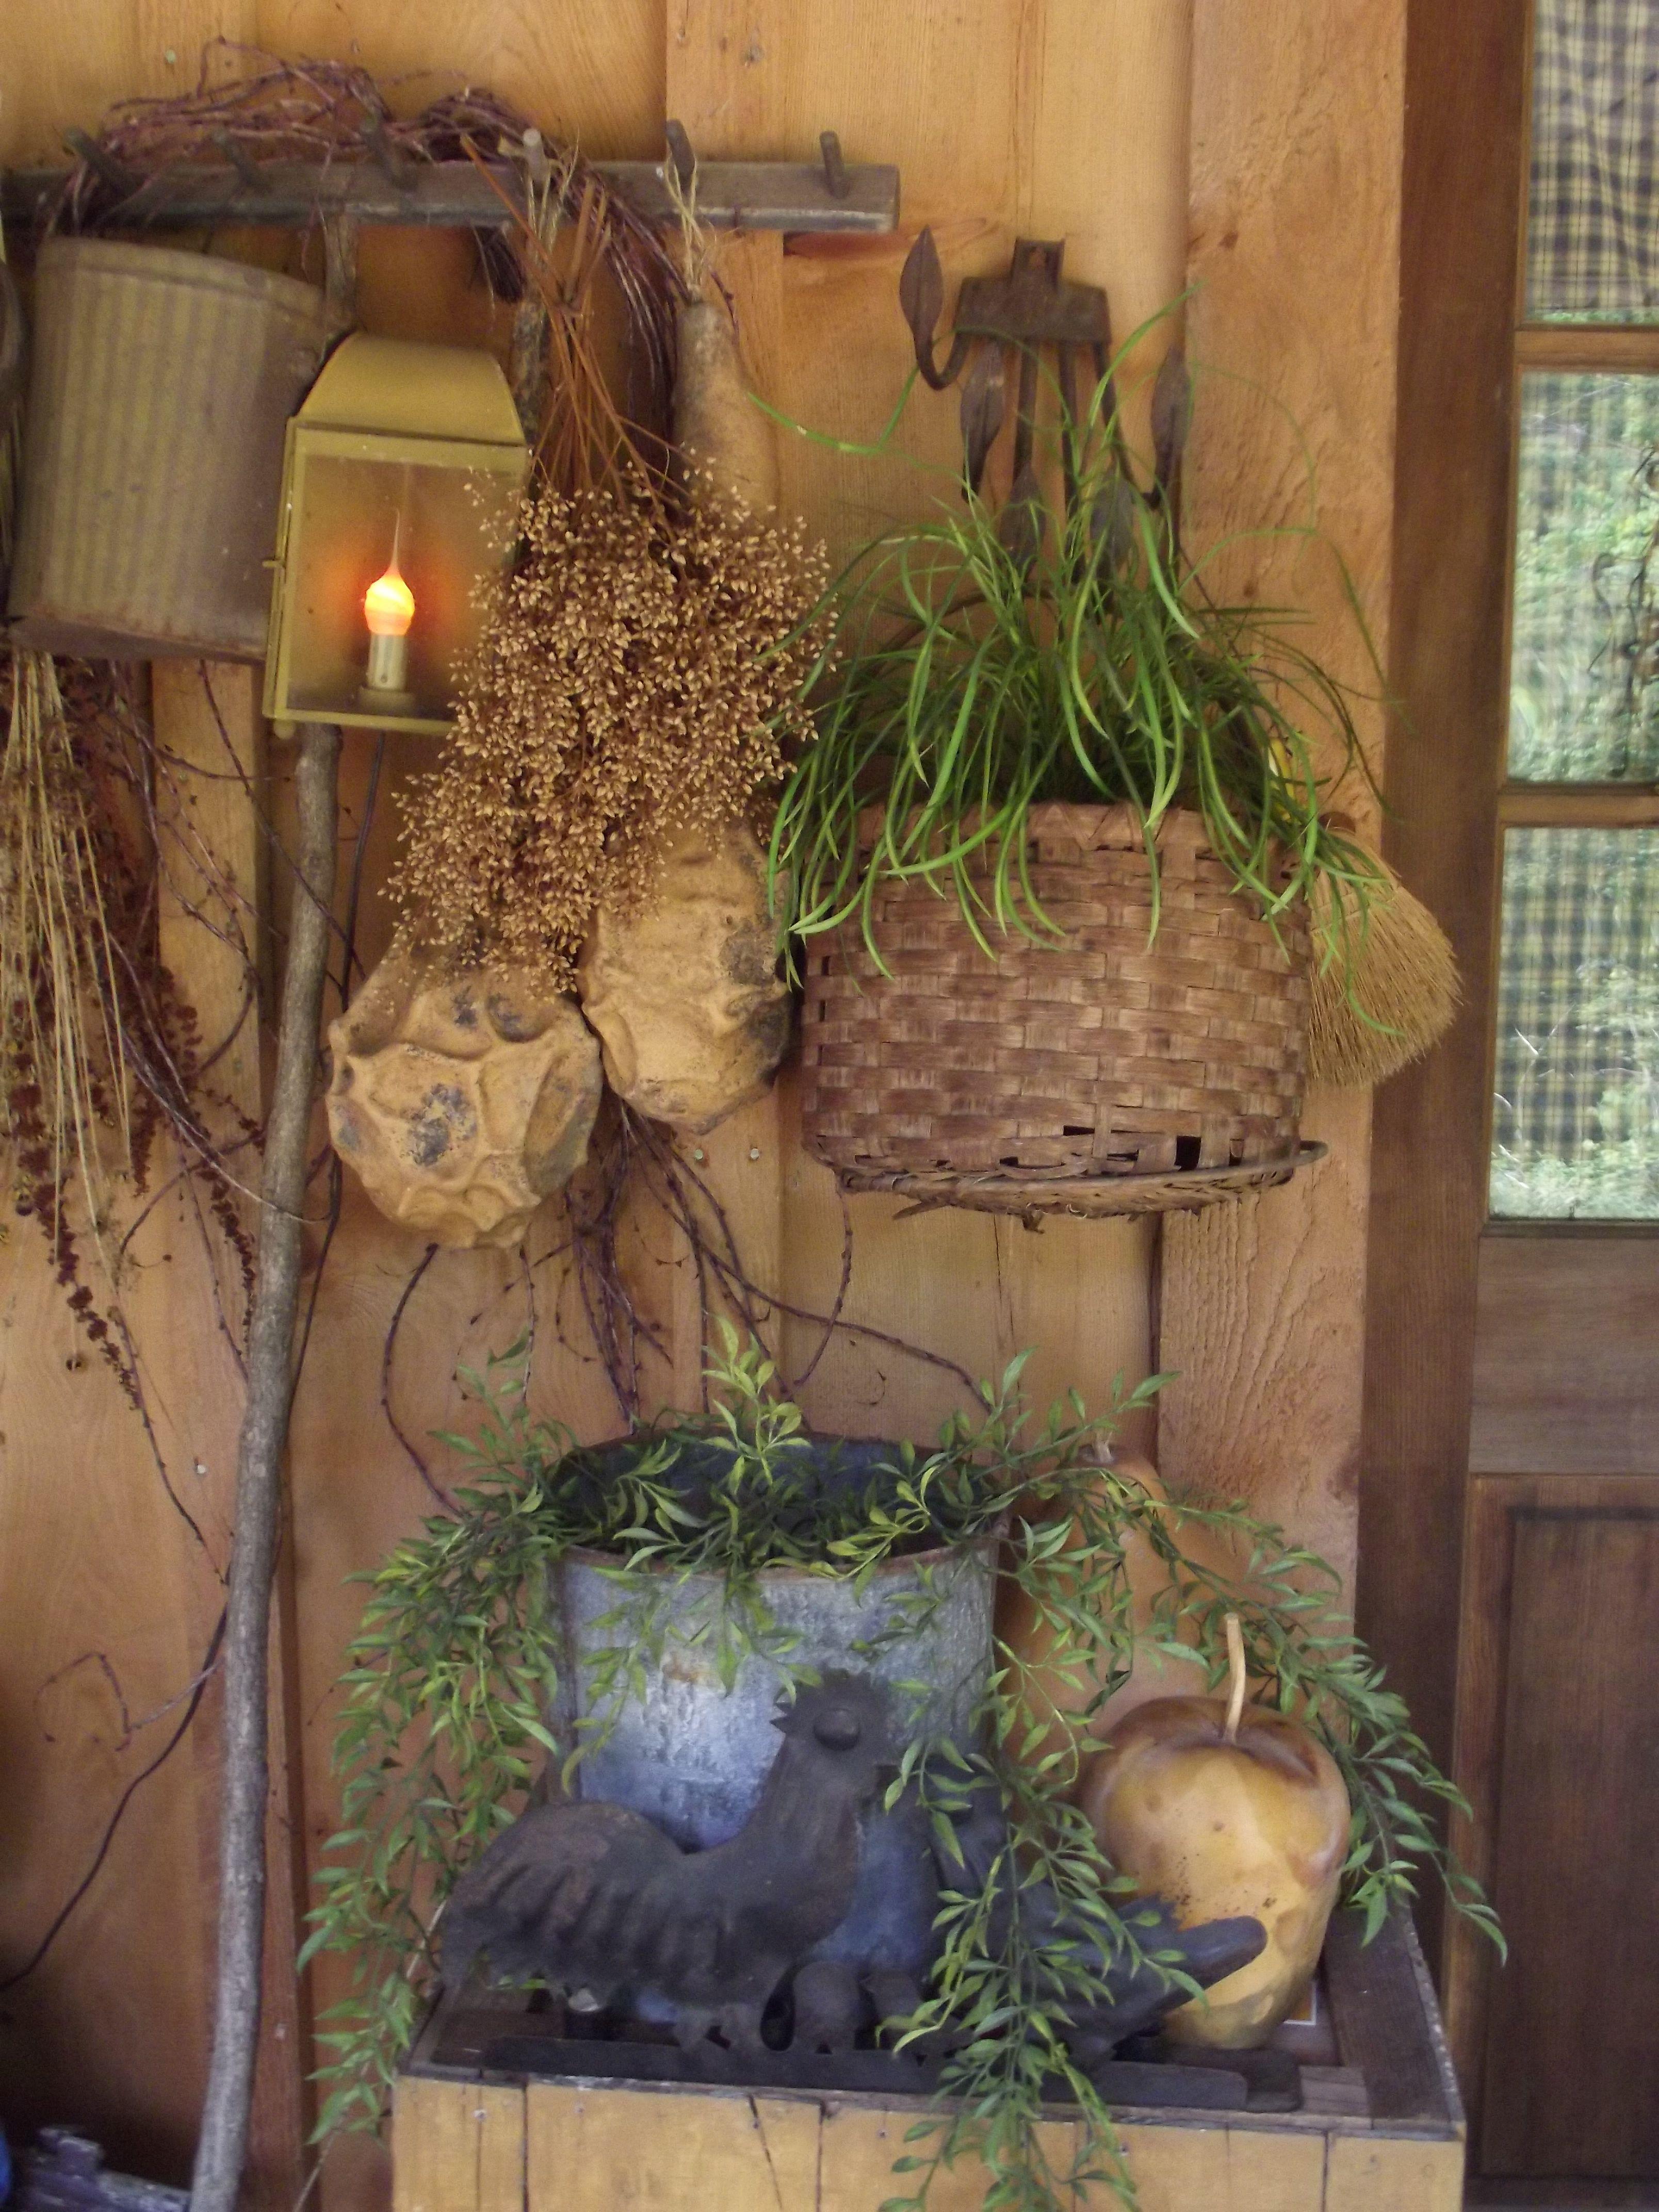 Primitive porch primitives pinterest primitives porch and country